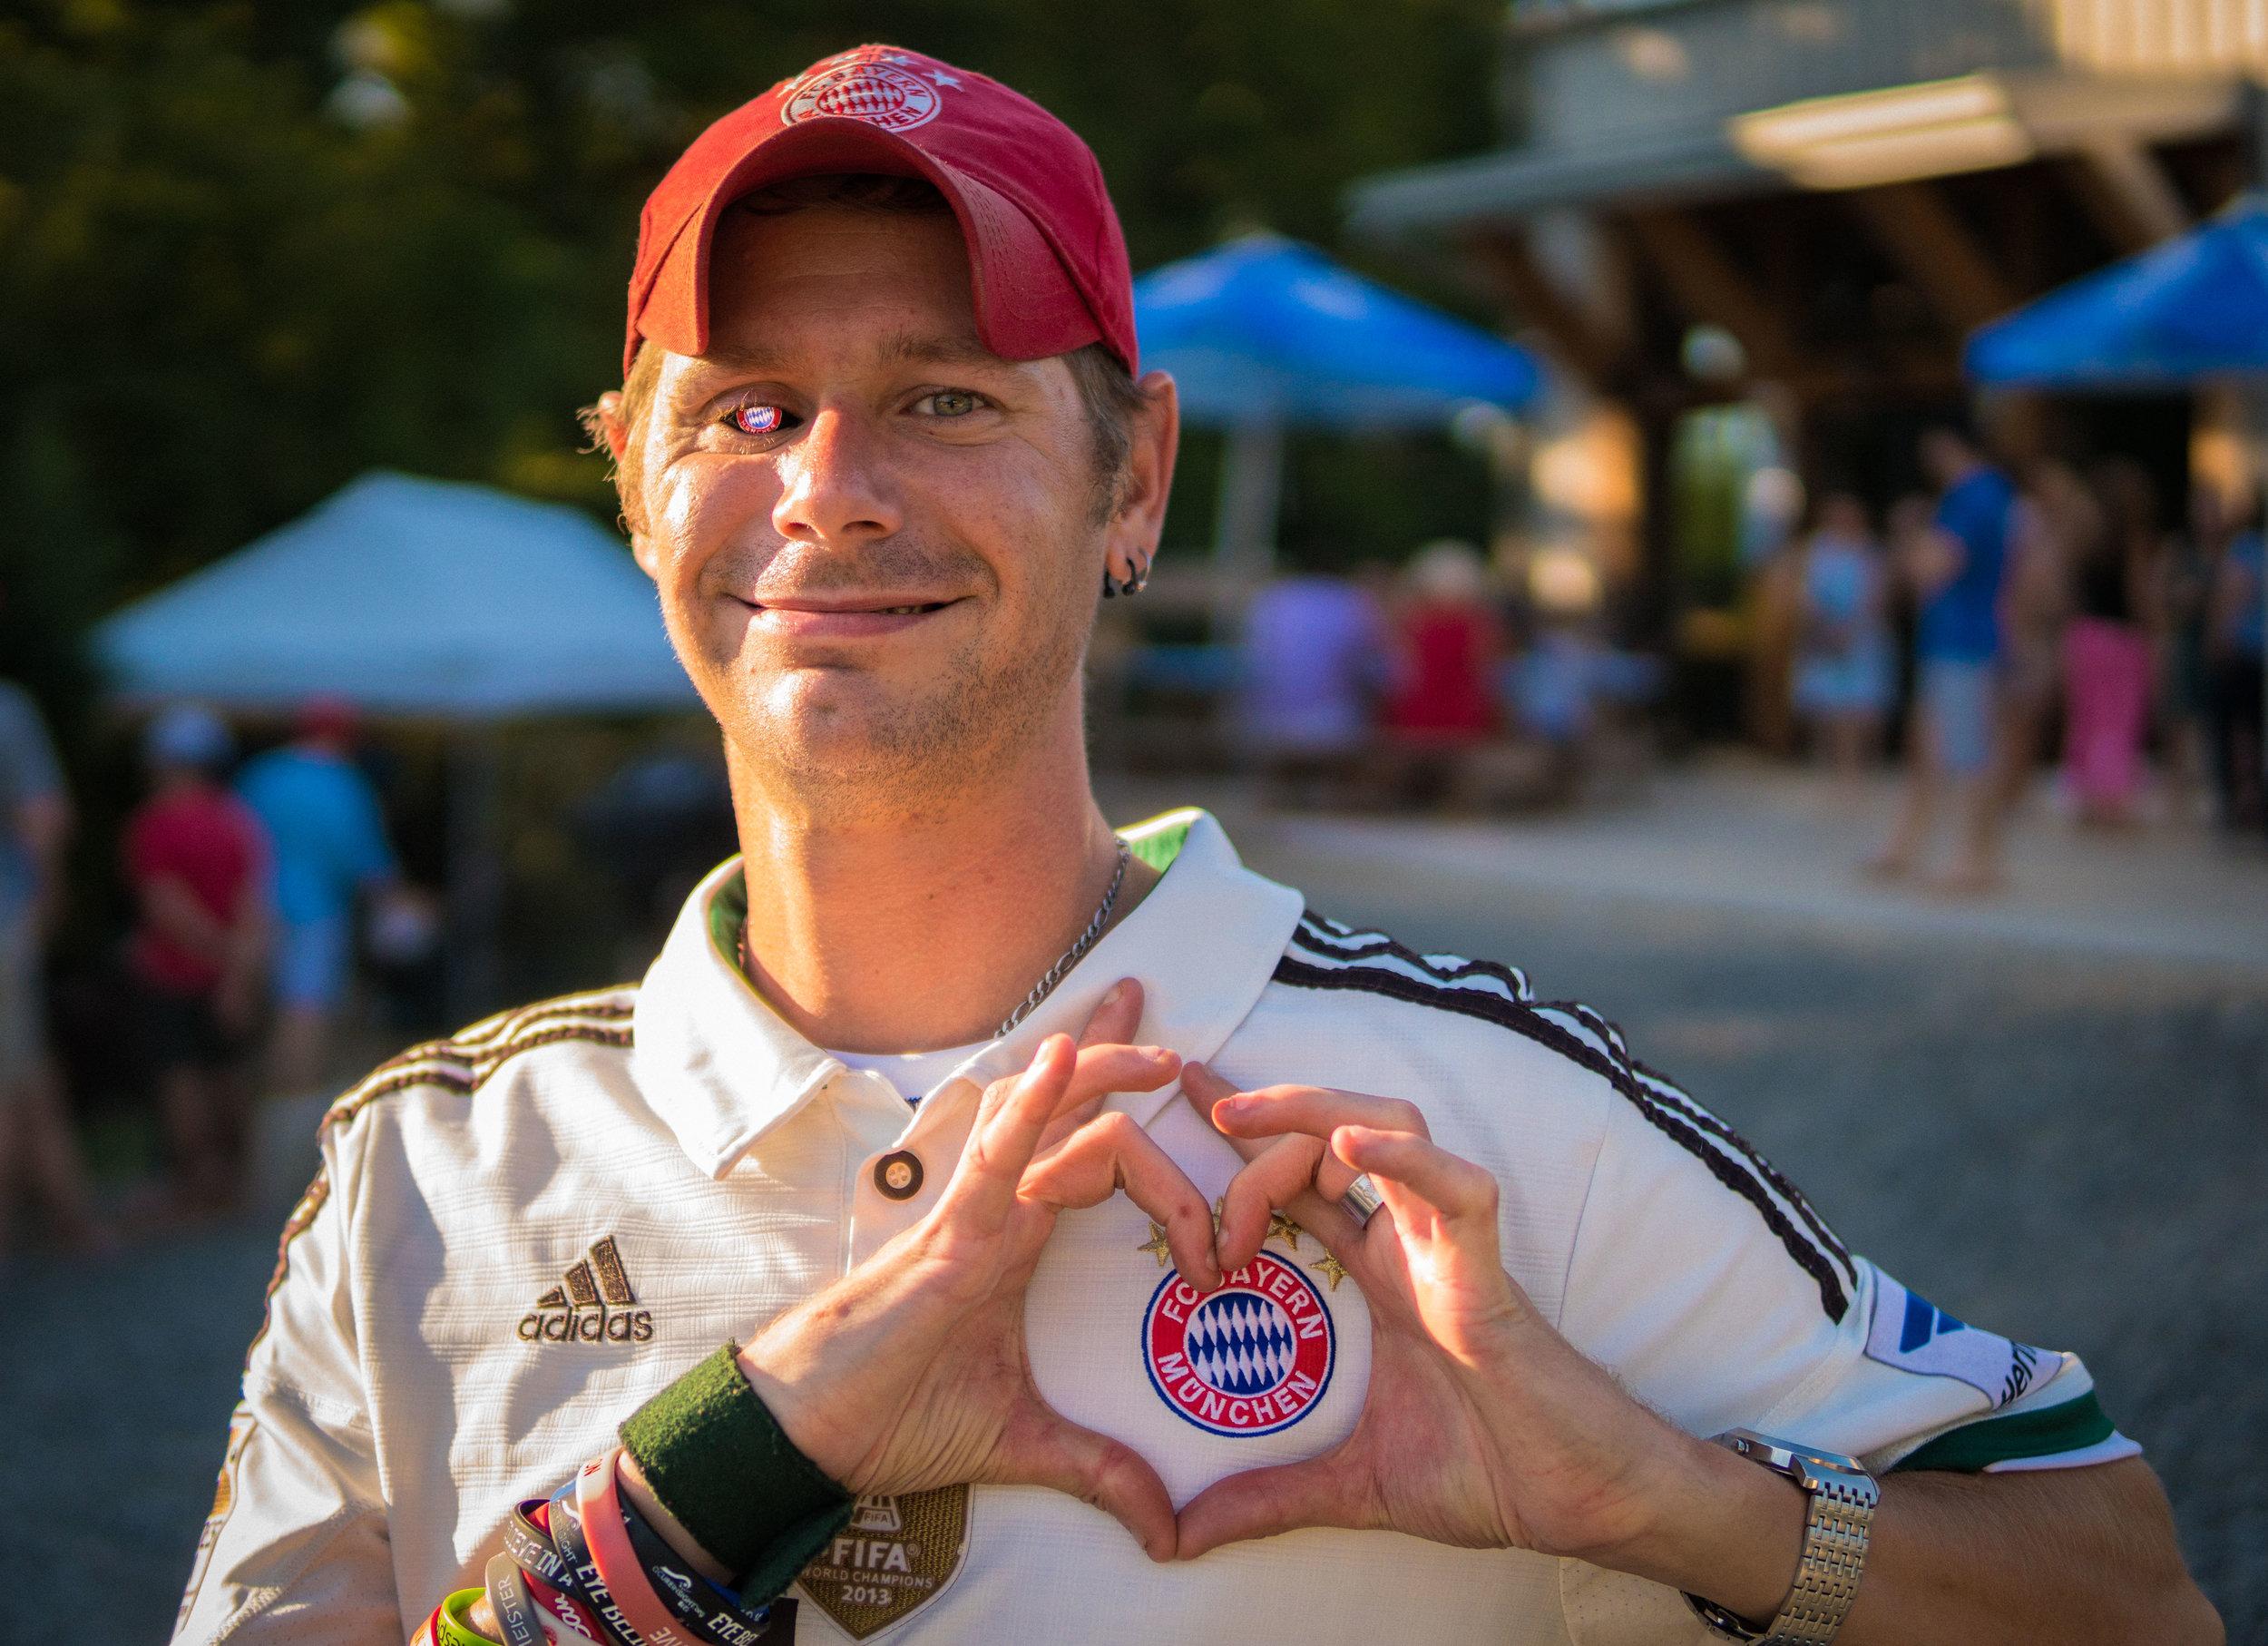 Bayern Munich Superfan Ryan Gibson